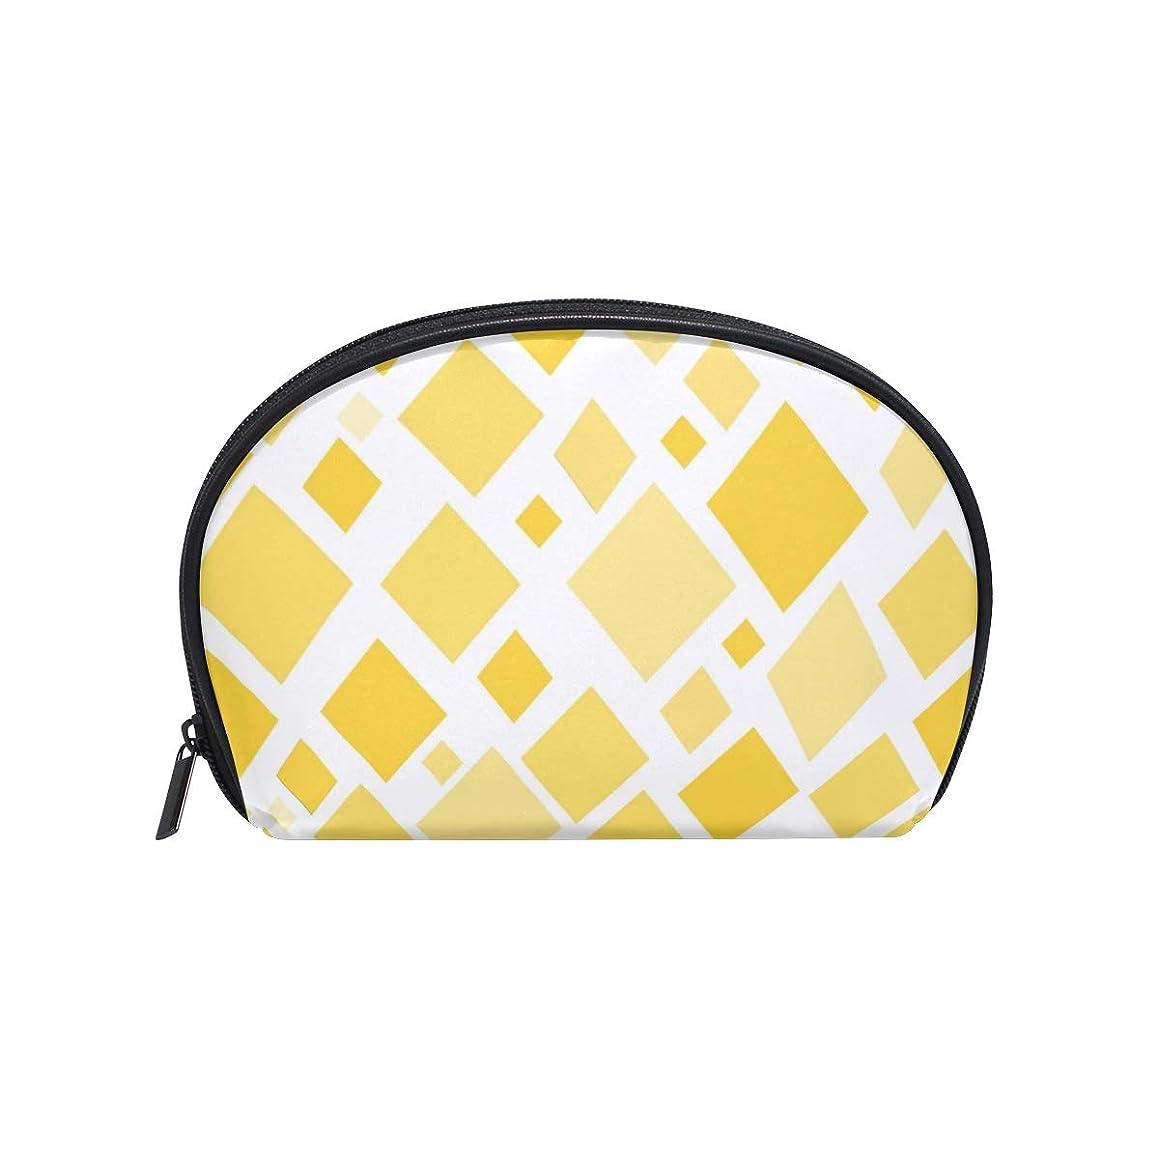 エール空スケルトン半月型 日光 黄 ダイヤモンド 化粧ポーチ コスメポーチ コスメバッグ メイクポーチ 大容量 旅行 小物入れ